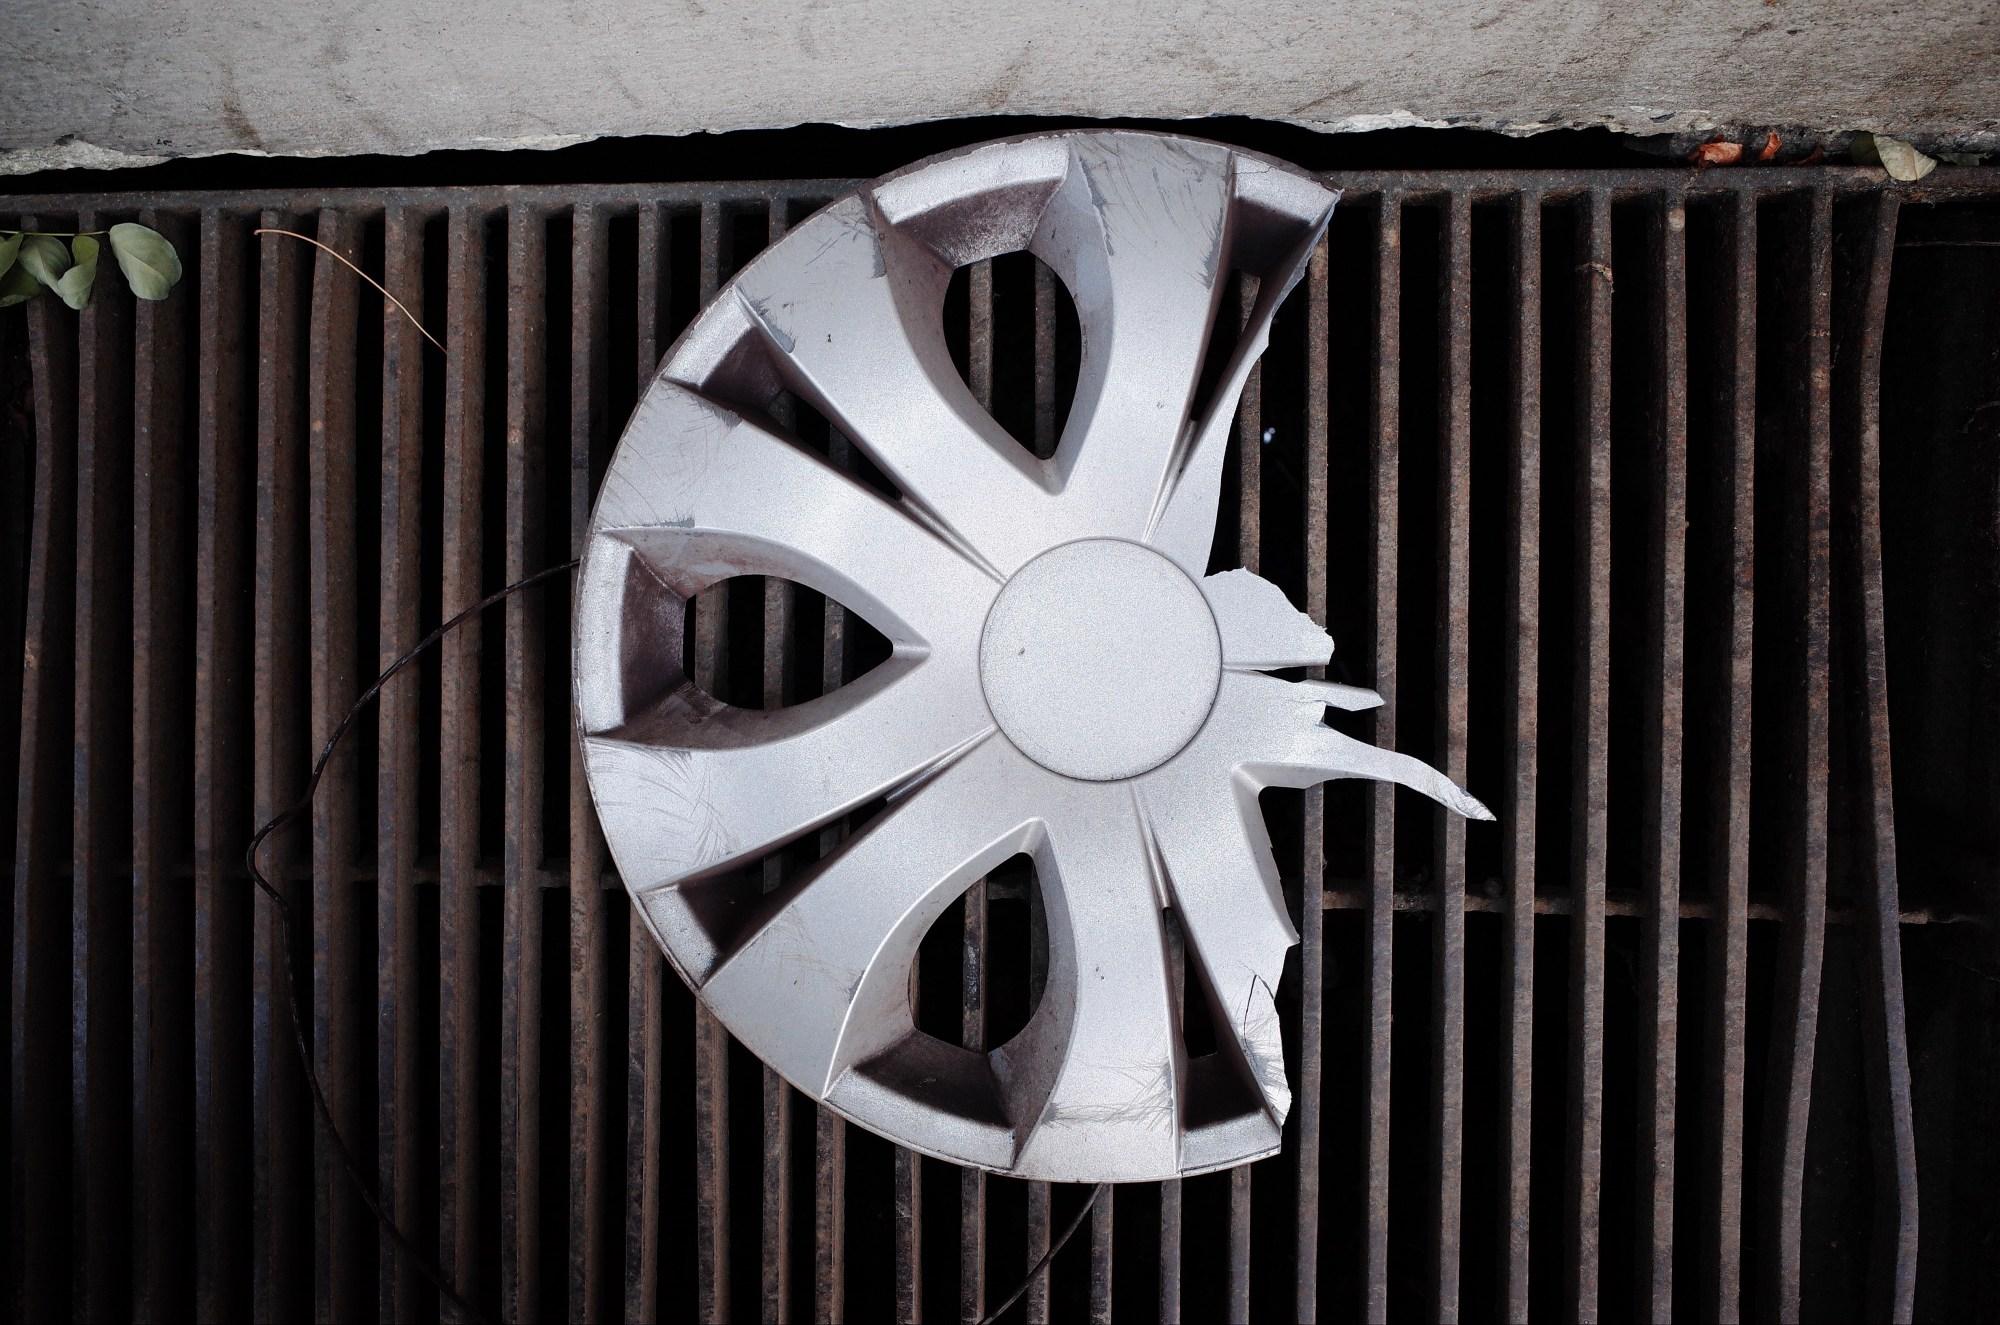 Broken wheel hubcap. Prague, 2017